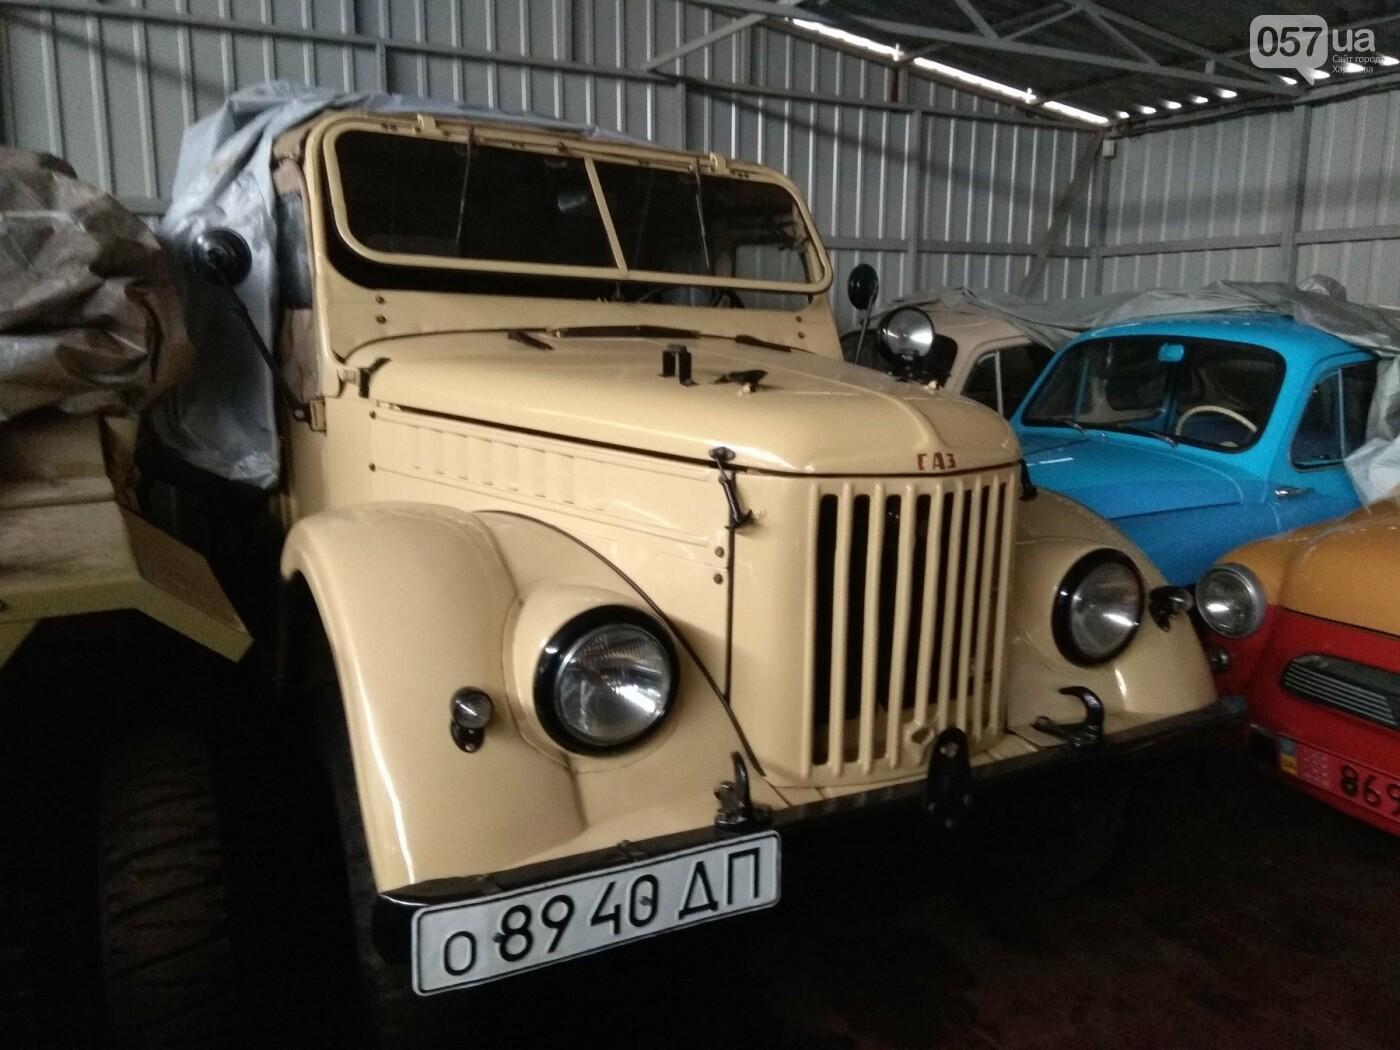 «Buick» Буденного и самодельные машины: как харьковчанин собрал коллекцию из 100 ретро-автомобилей, - ФОТО, фото-12